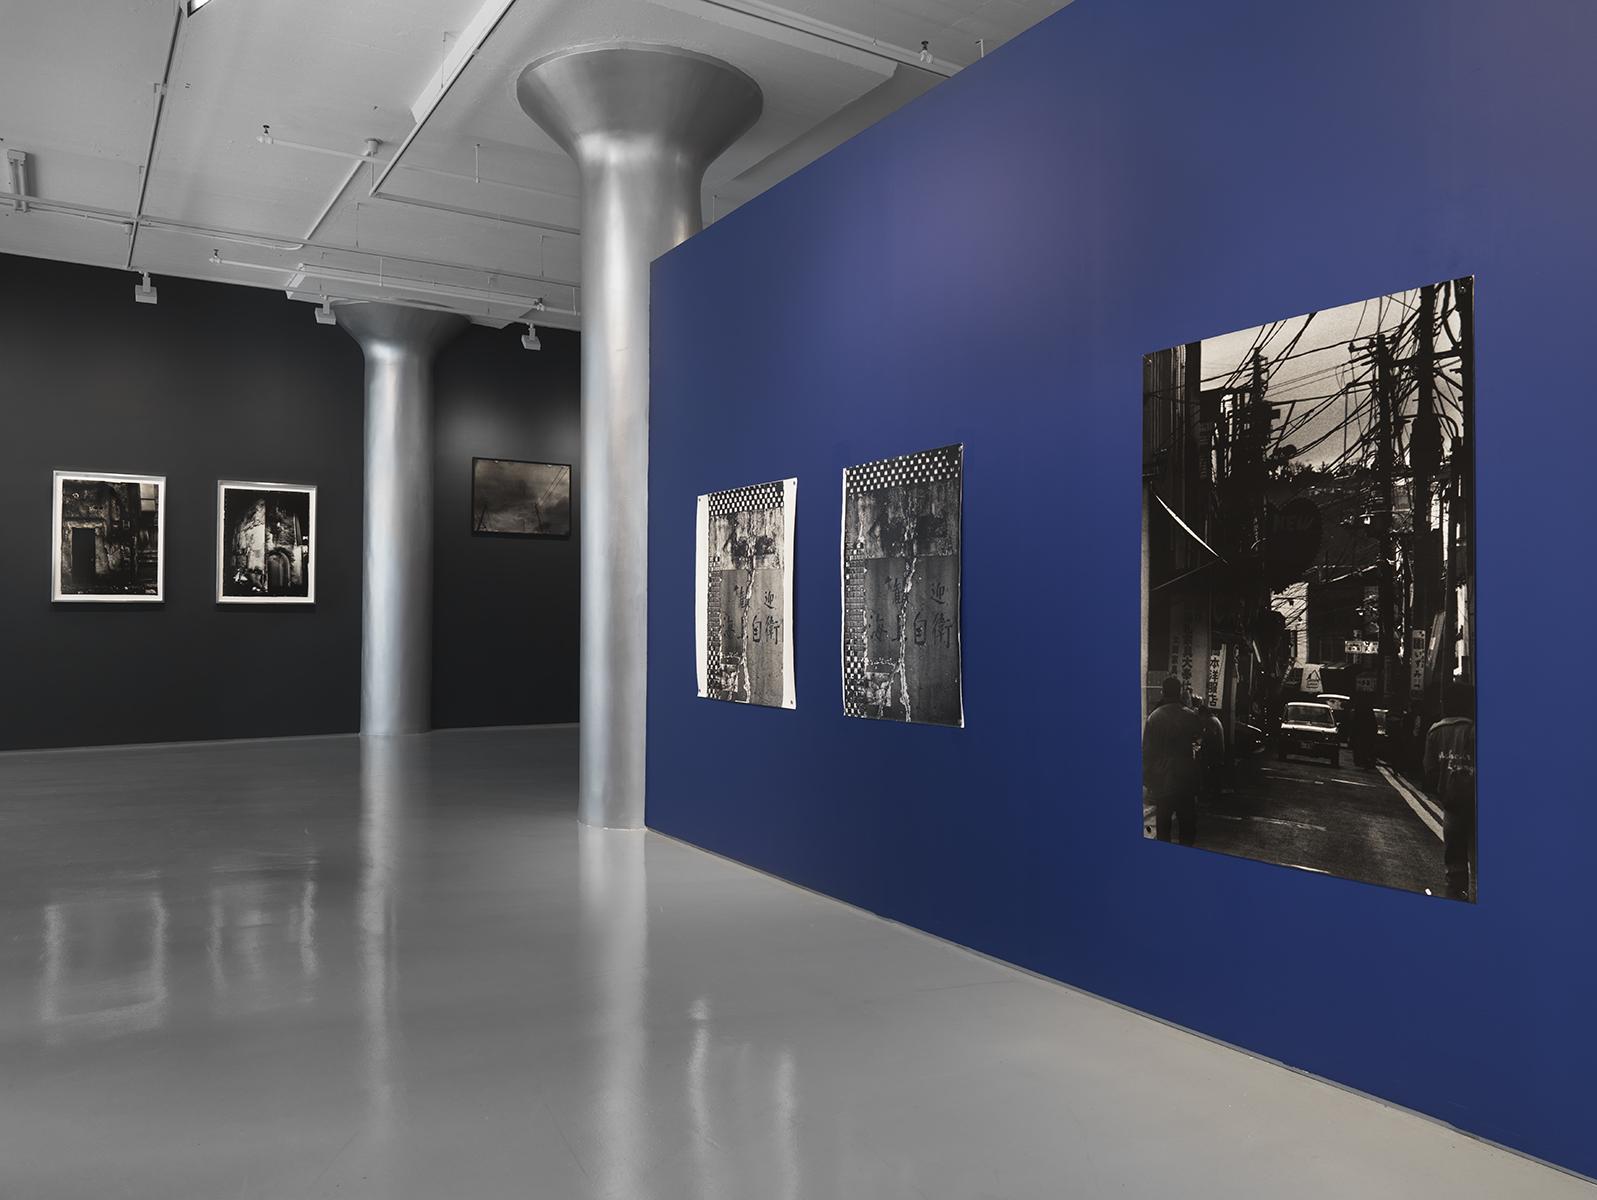 Photograph 1 from Ishiuchi Miyako exhibition.